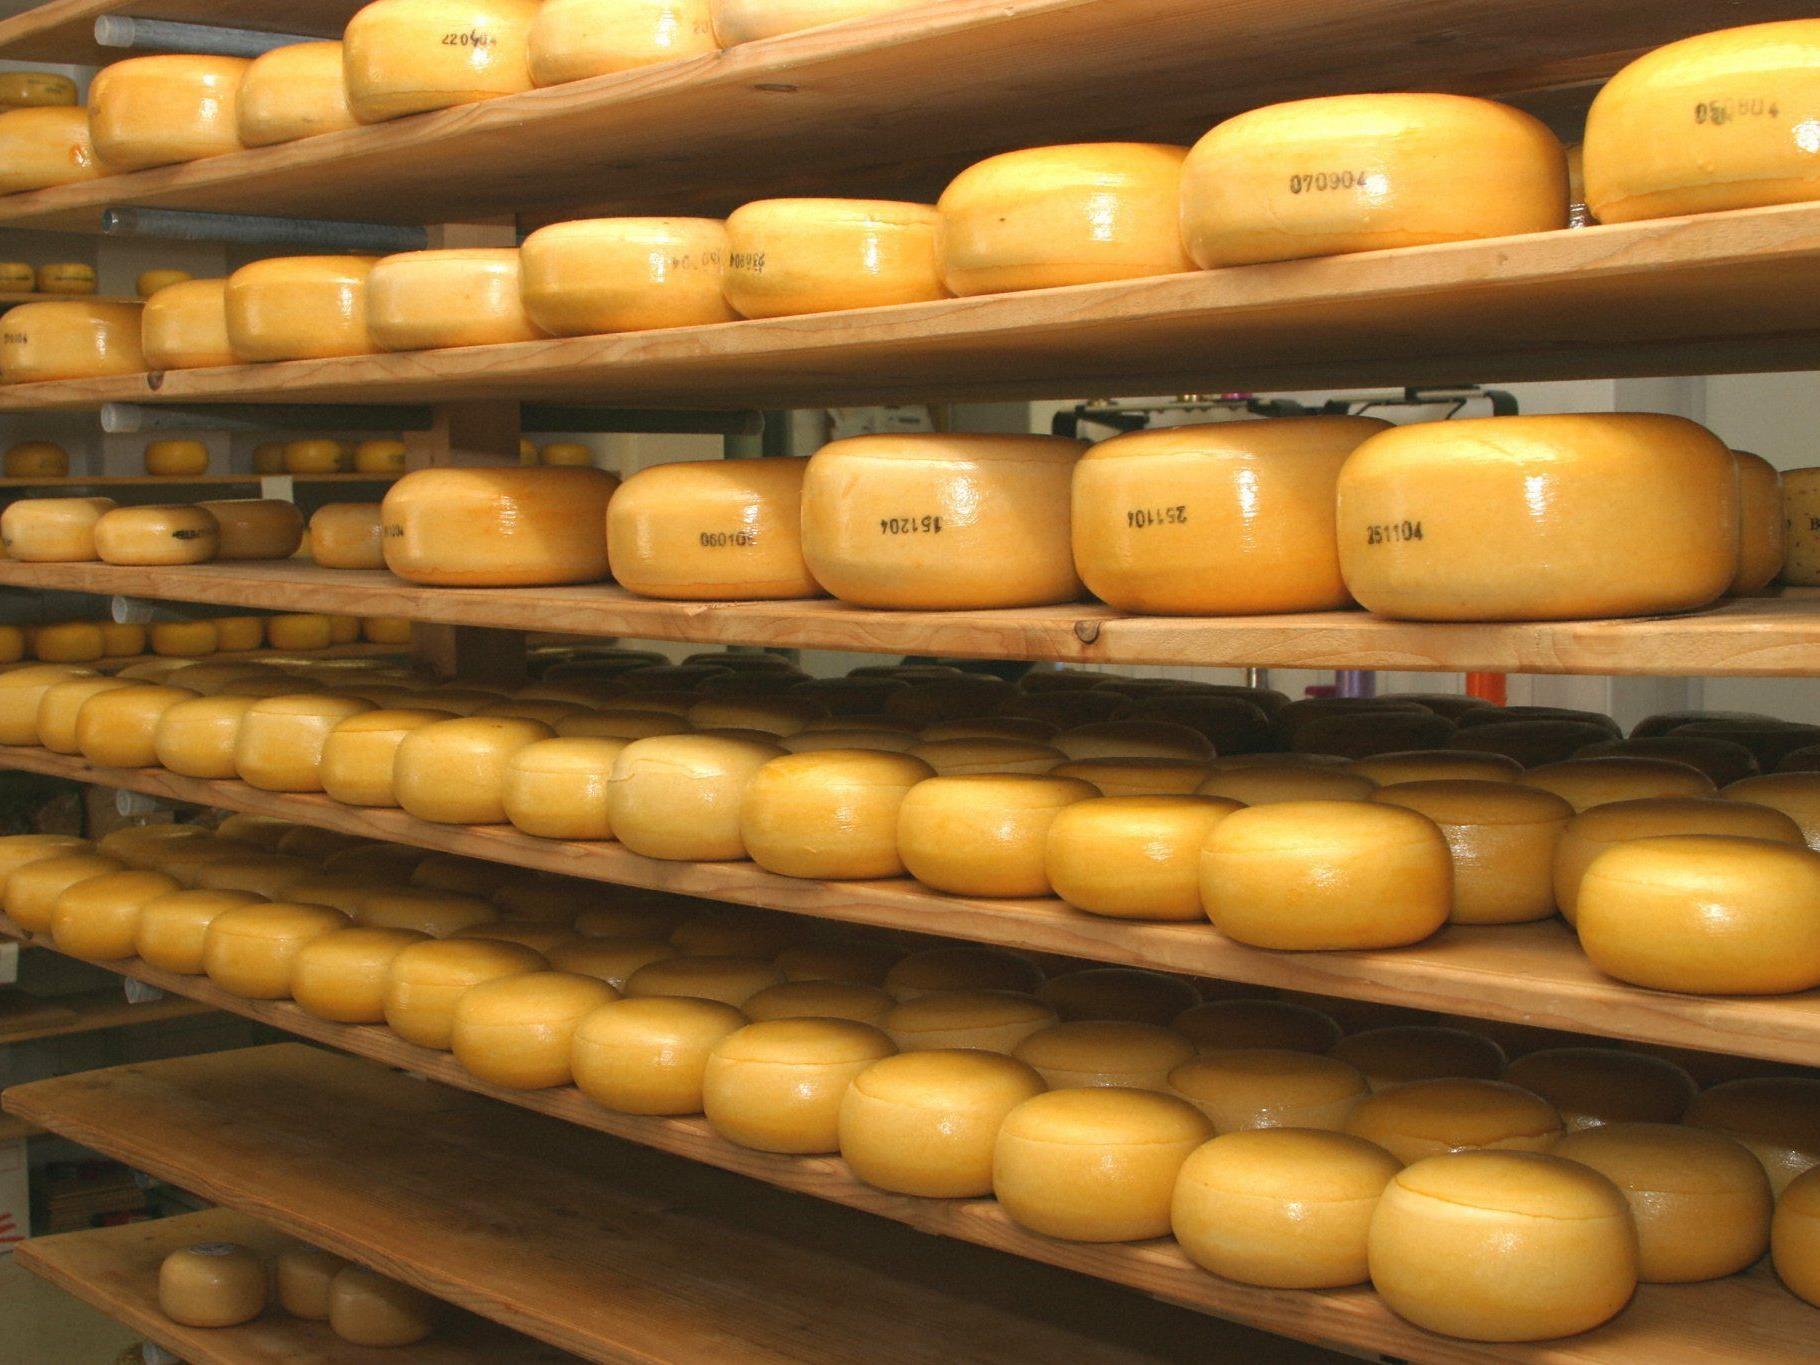 """Rund 100 Mitarbeiter sollen im geplanten """"Käse-Kompetenzzentrum"""" wie bisher die Schnitt- und Hartkäsesorten """"Bergkäse"""", """"Gouda"""" und vor allem """"Emmentaler"""" erzeugen."""